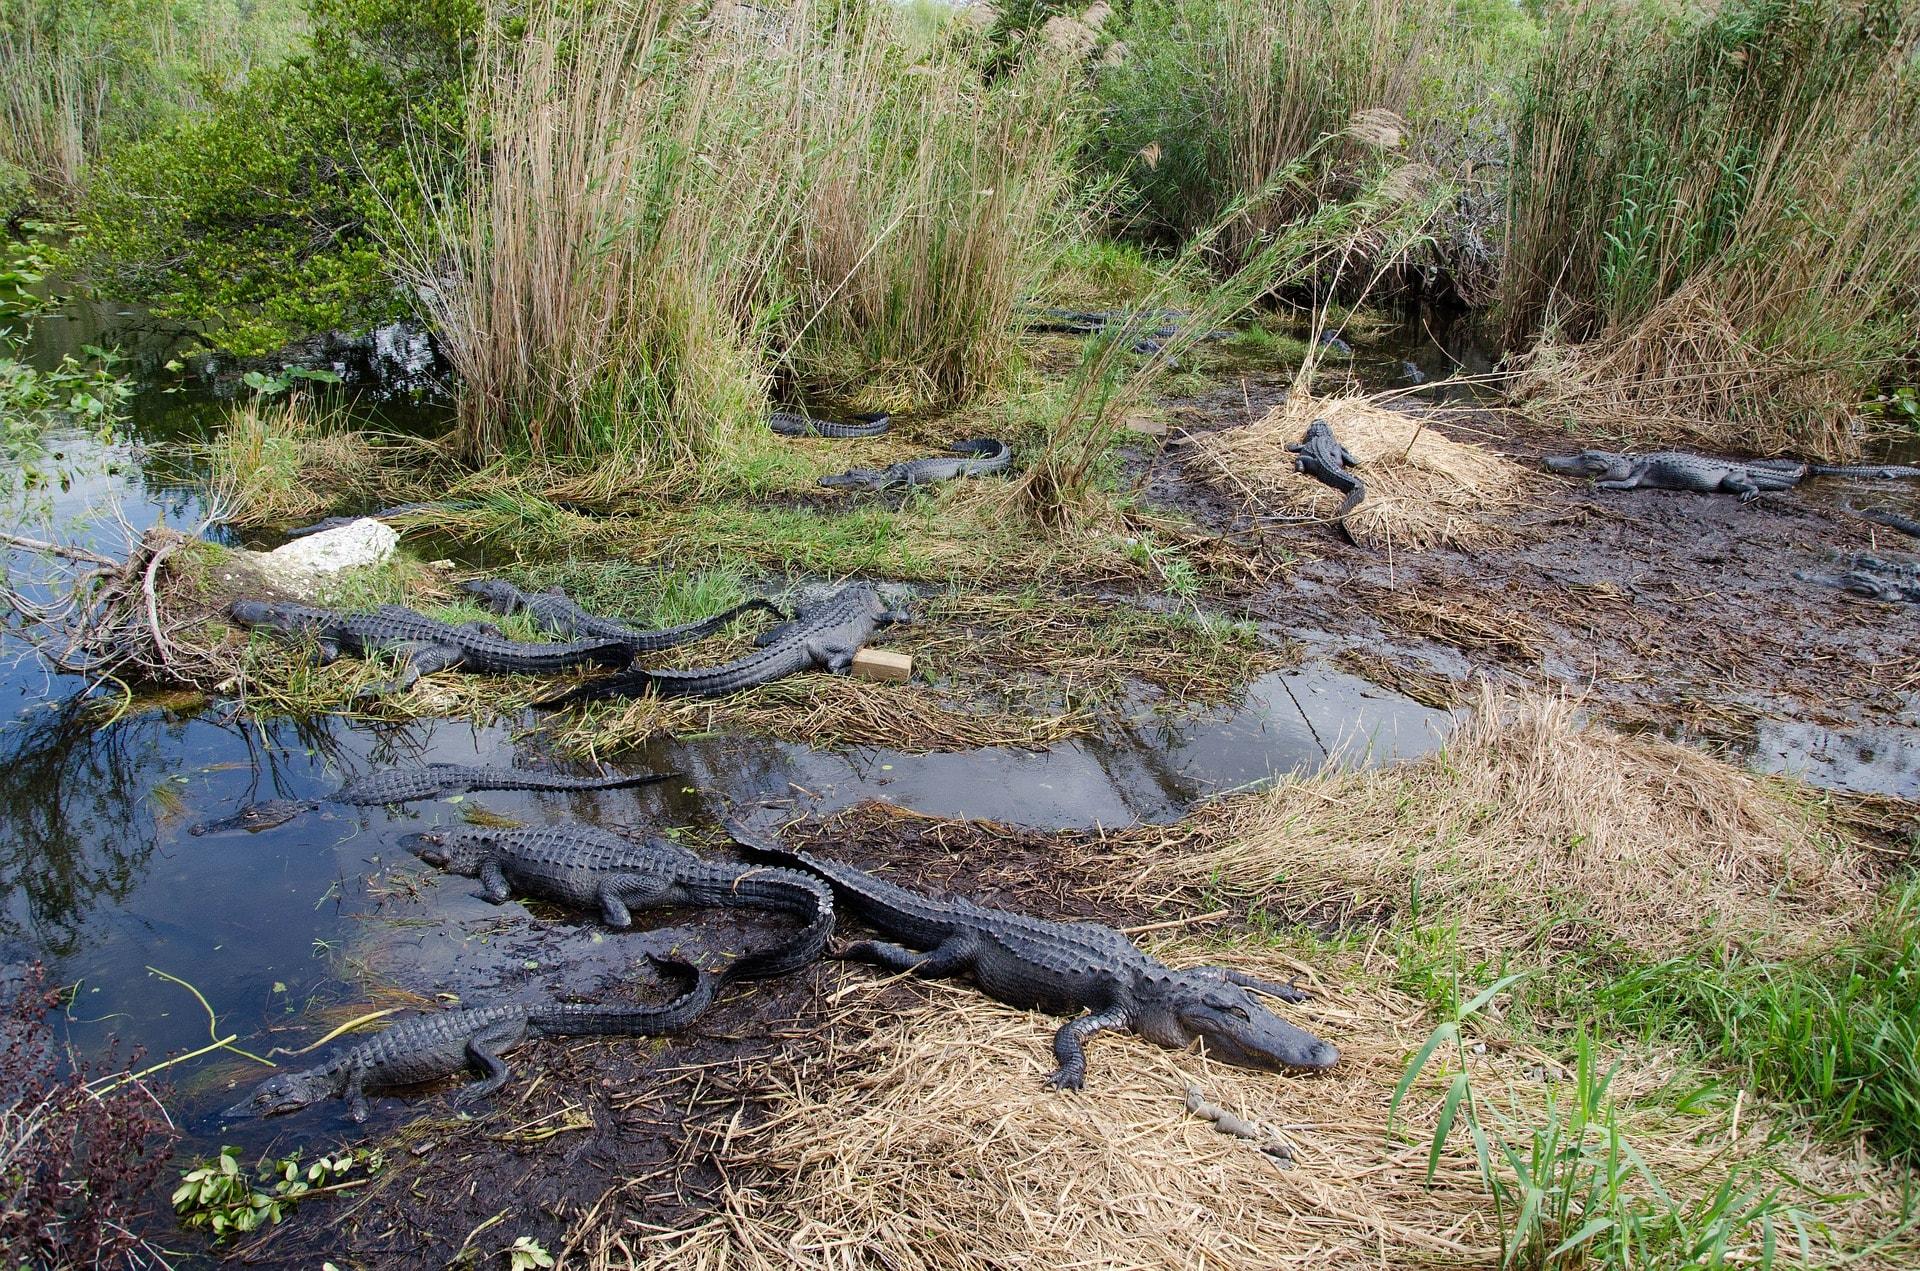 alligators-2291480_1920